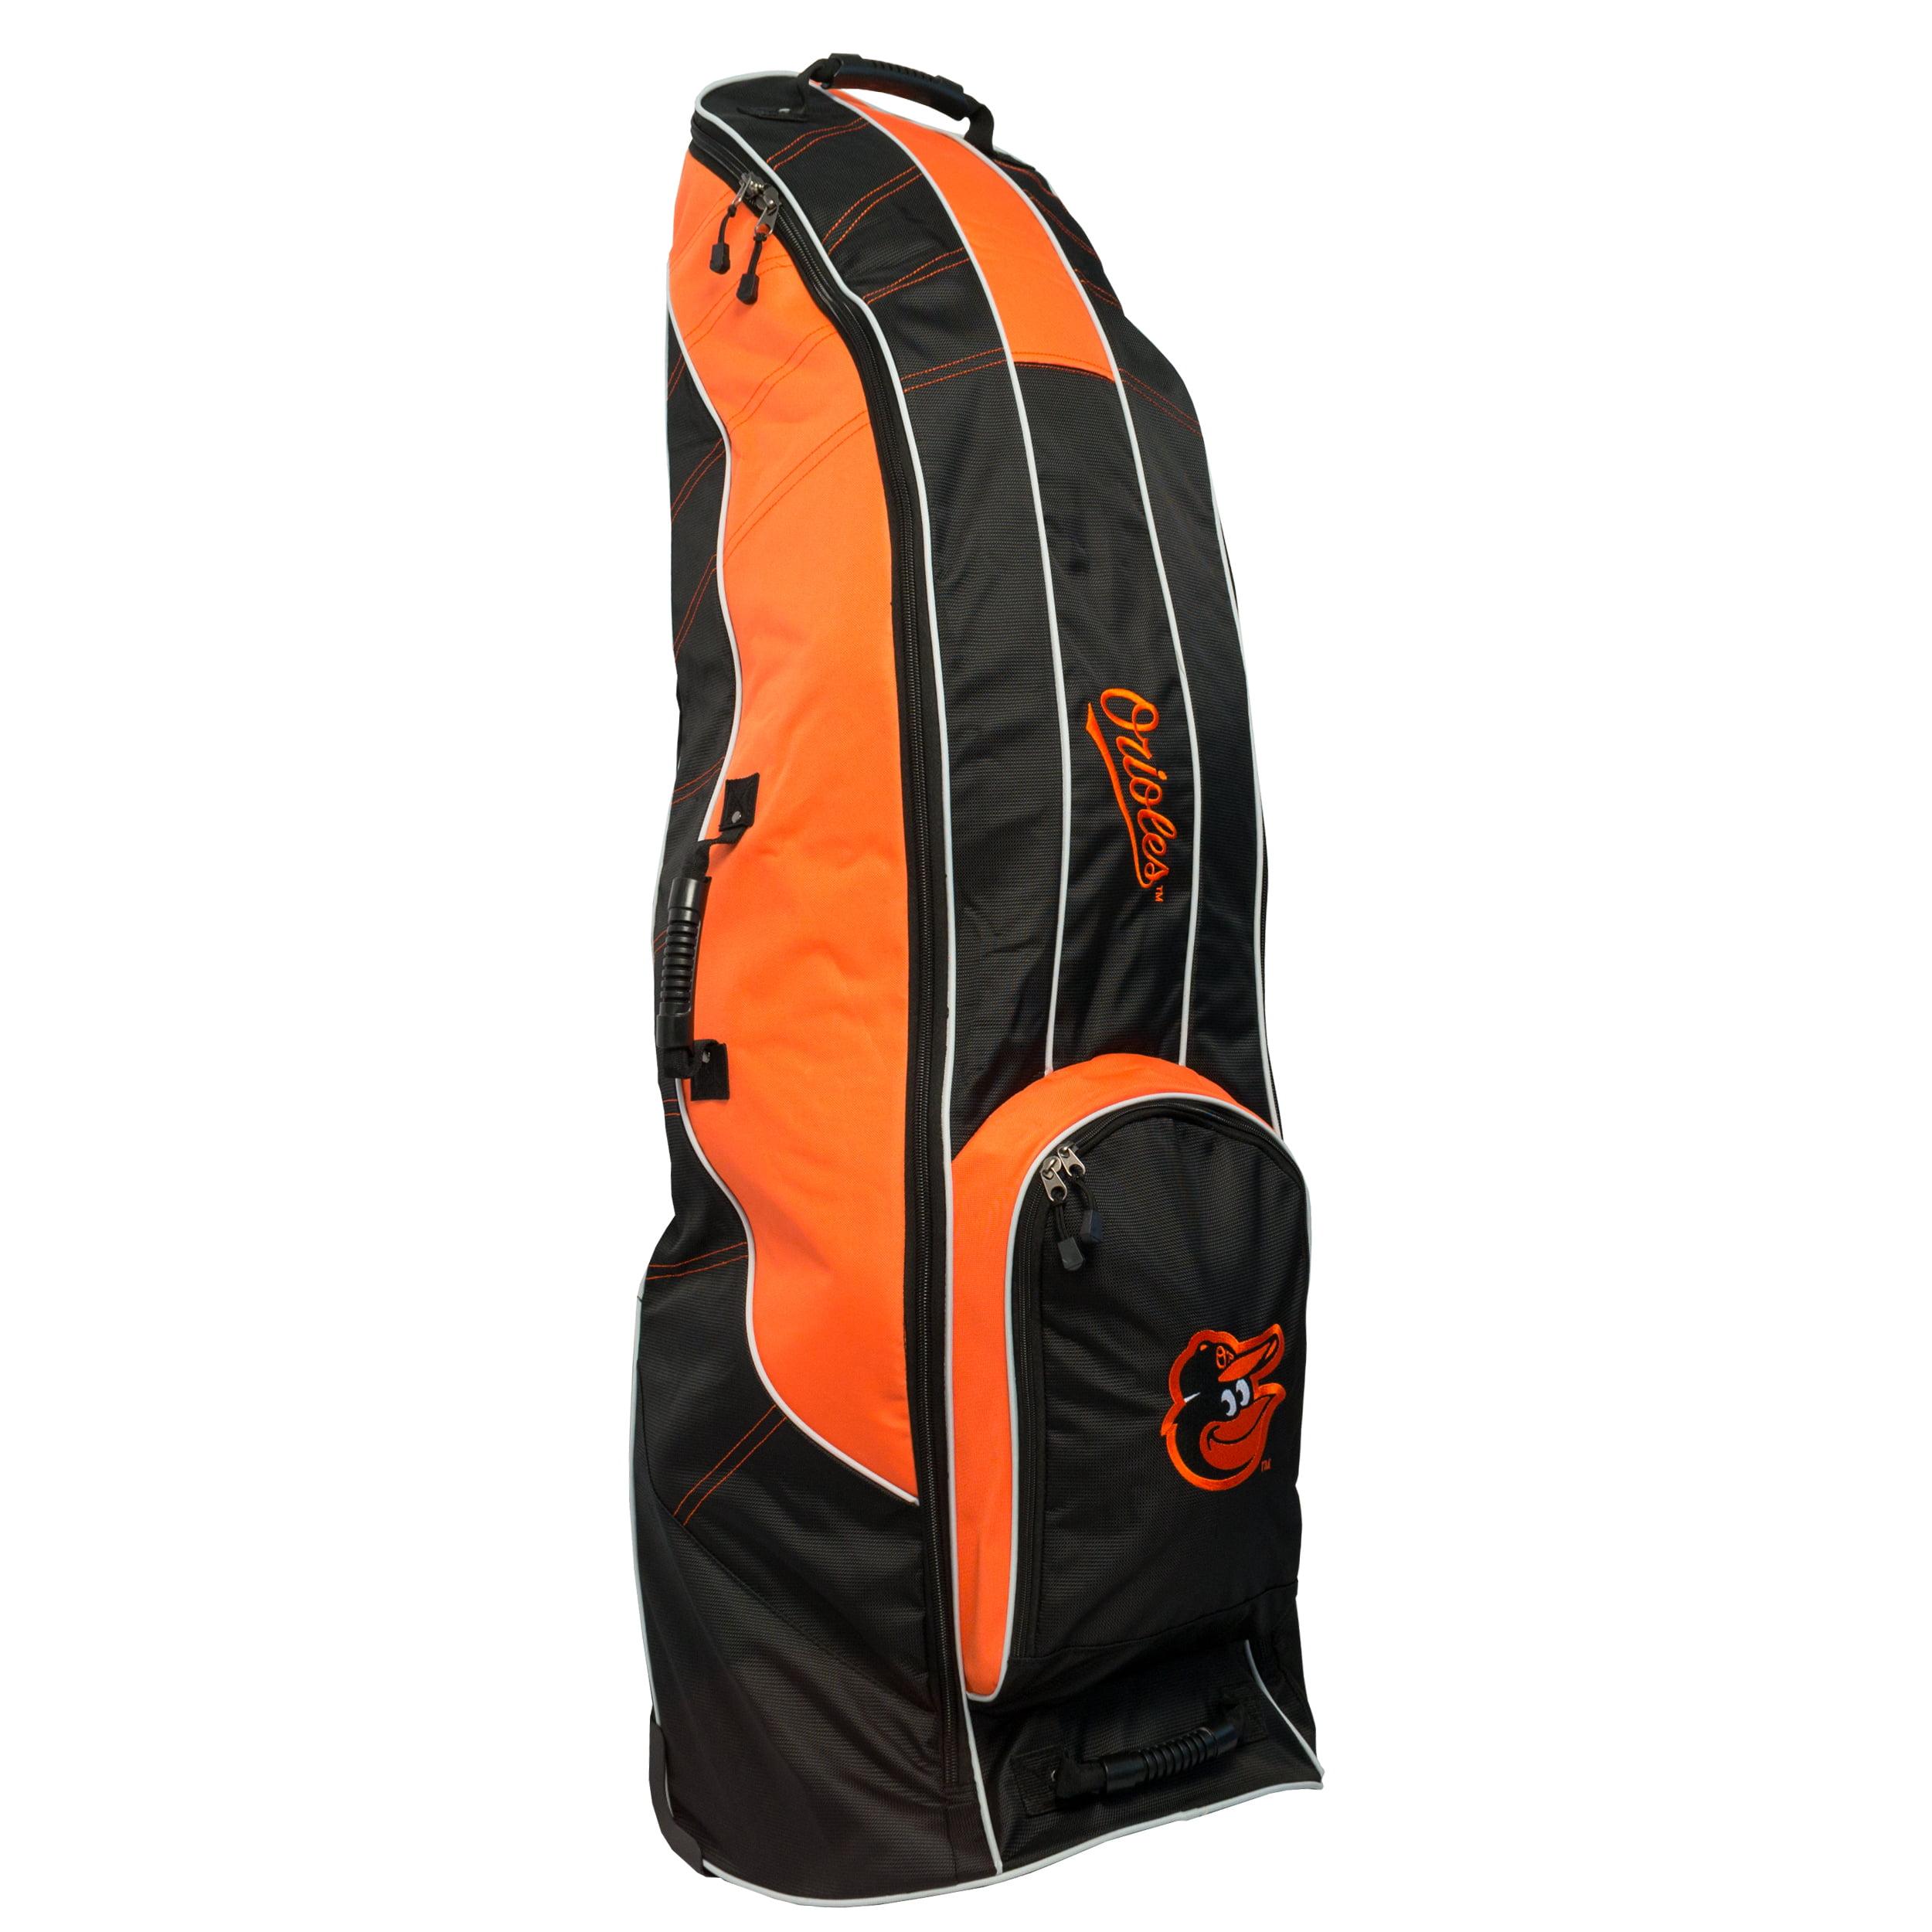 Baltimore Orioles Team Golf Travel Bag - No Size